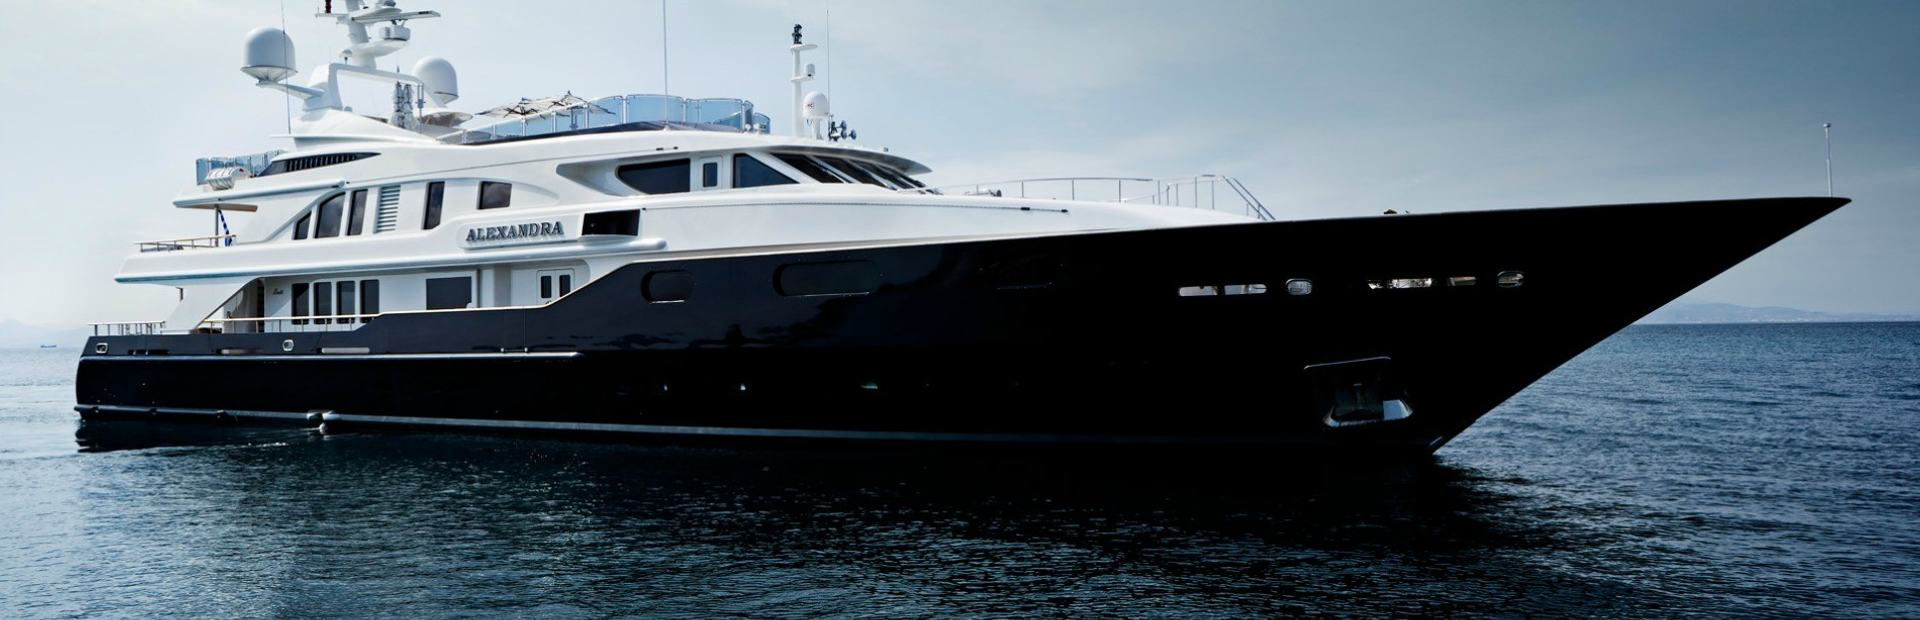 Golden Bay Series Yacht Charter